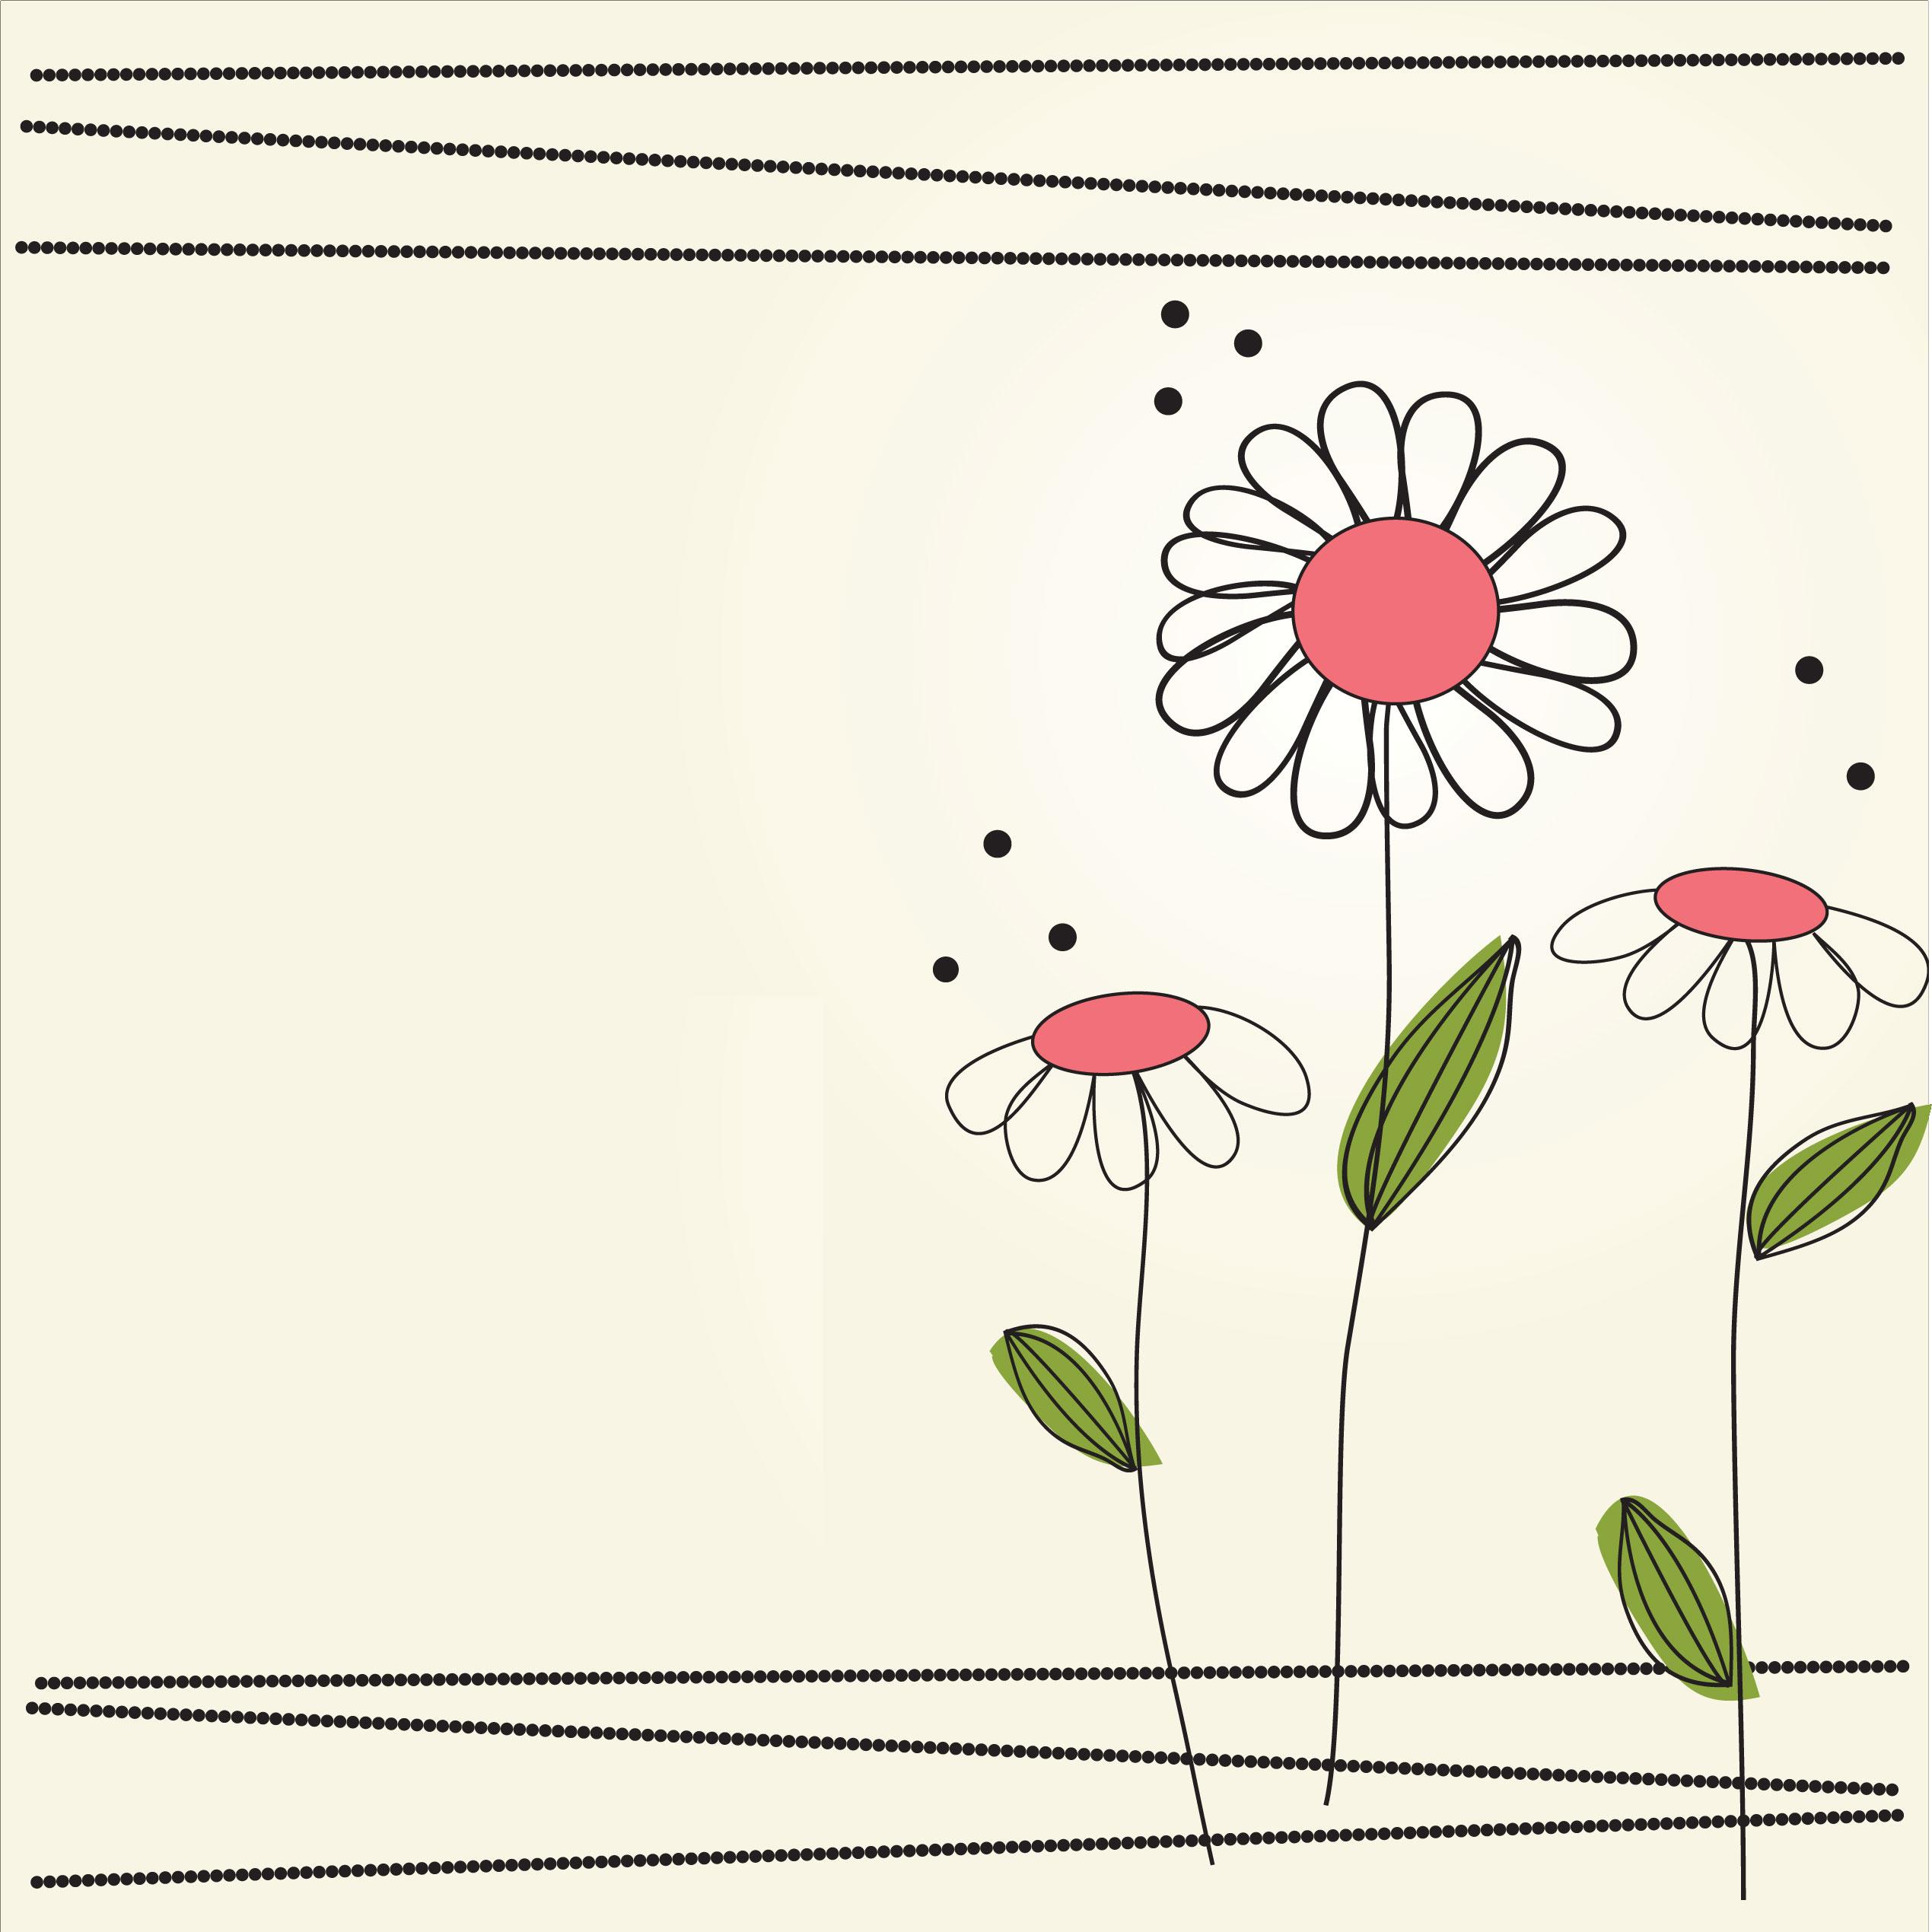 花のイラスト・フリー素材/壁紙・背景no.152『シンプル・ポップ・赤緑』